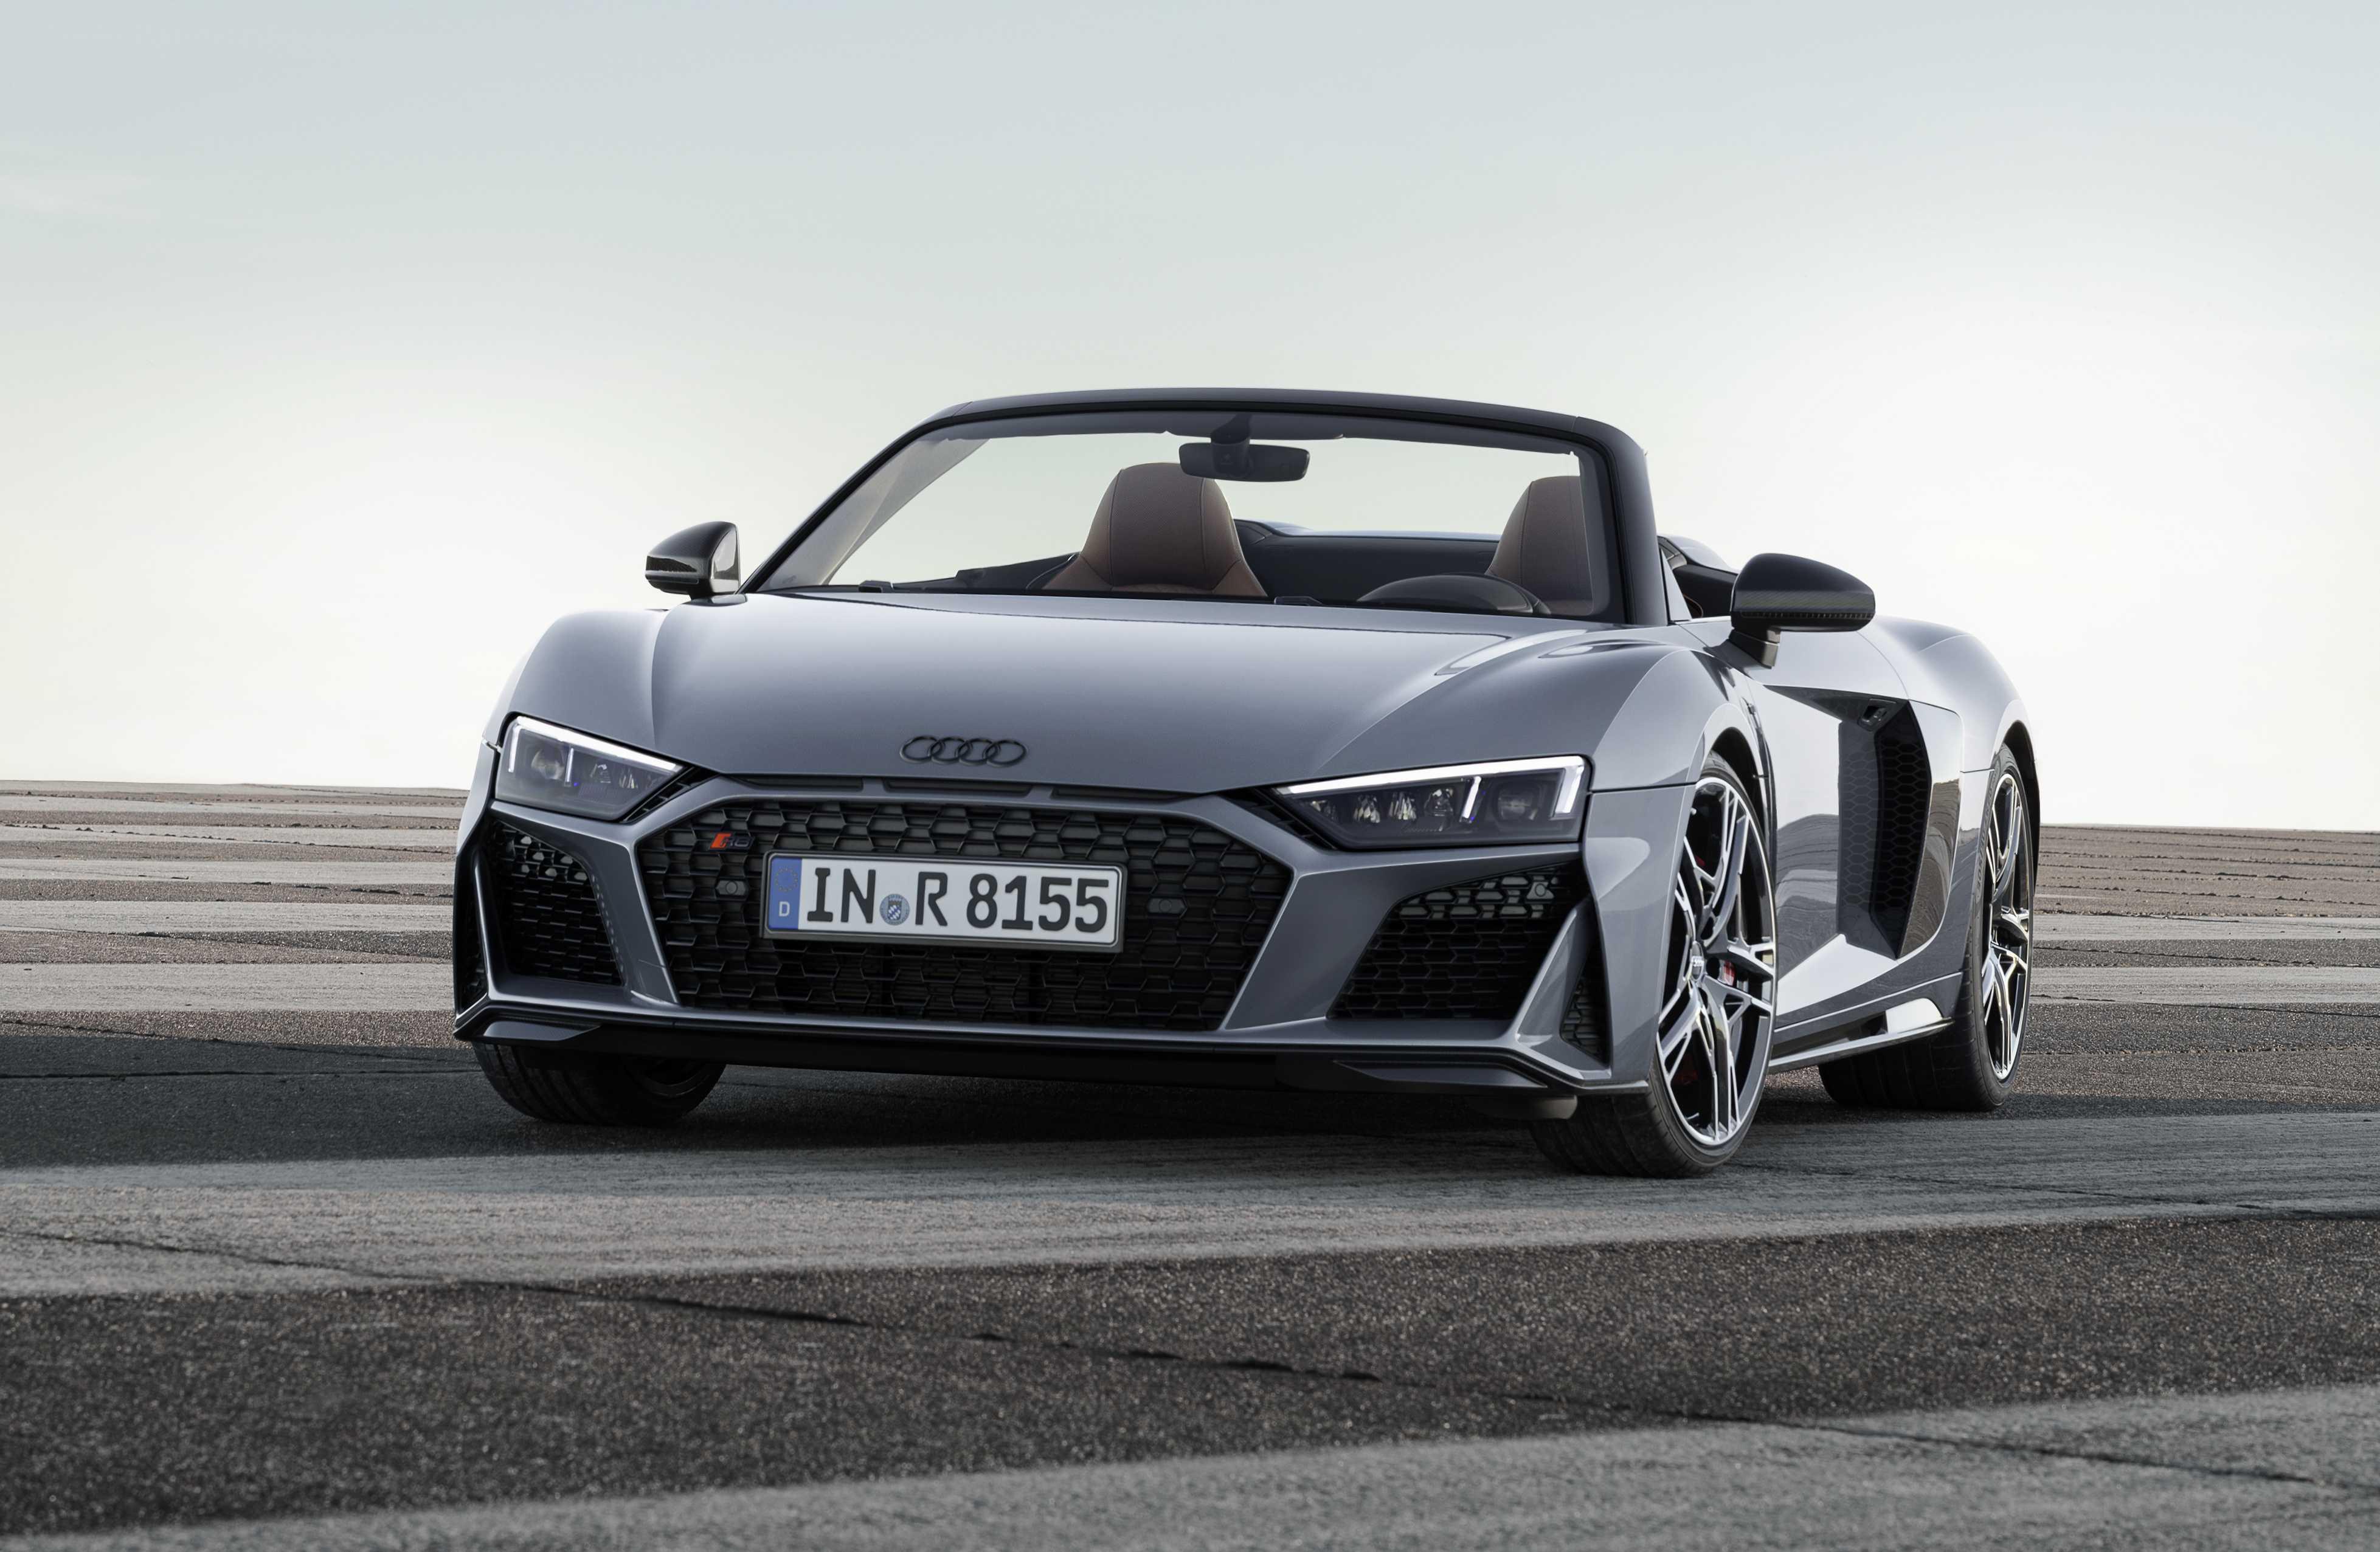 Audi R8 Pris